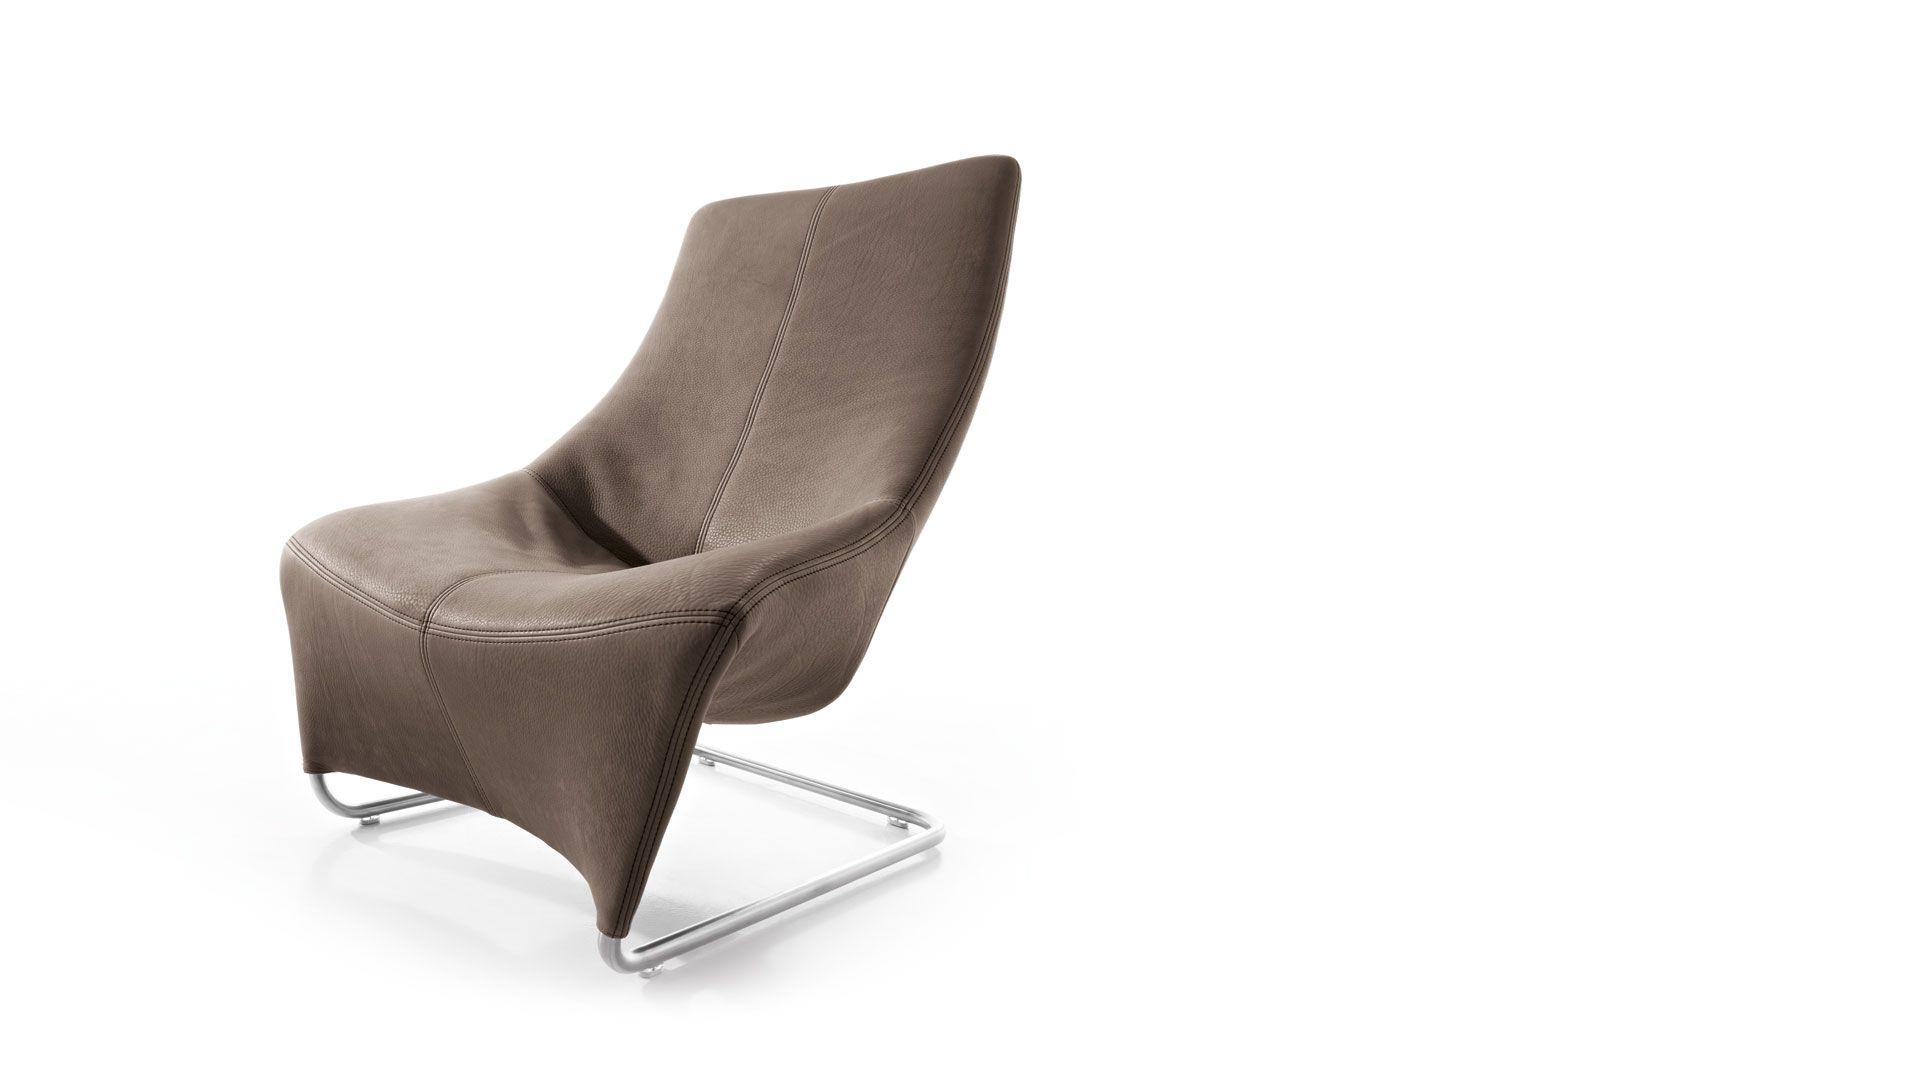 pin von sarita simpson auf the hepburn apt lr pinterest friends sessel und sofa. Black Bedroom Furniture Sets. Home Design Ideas